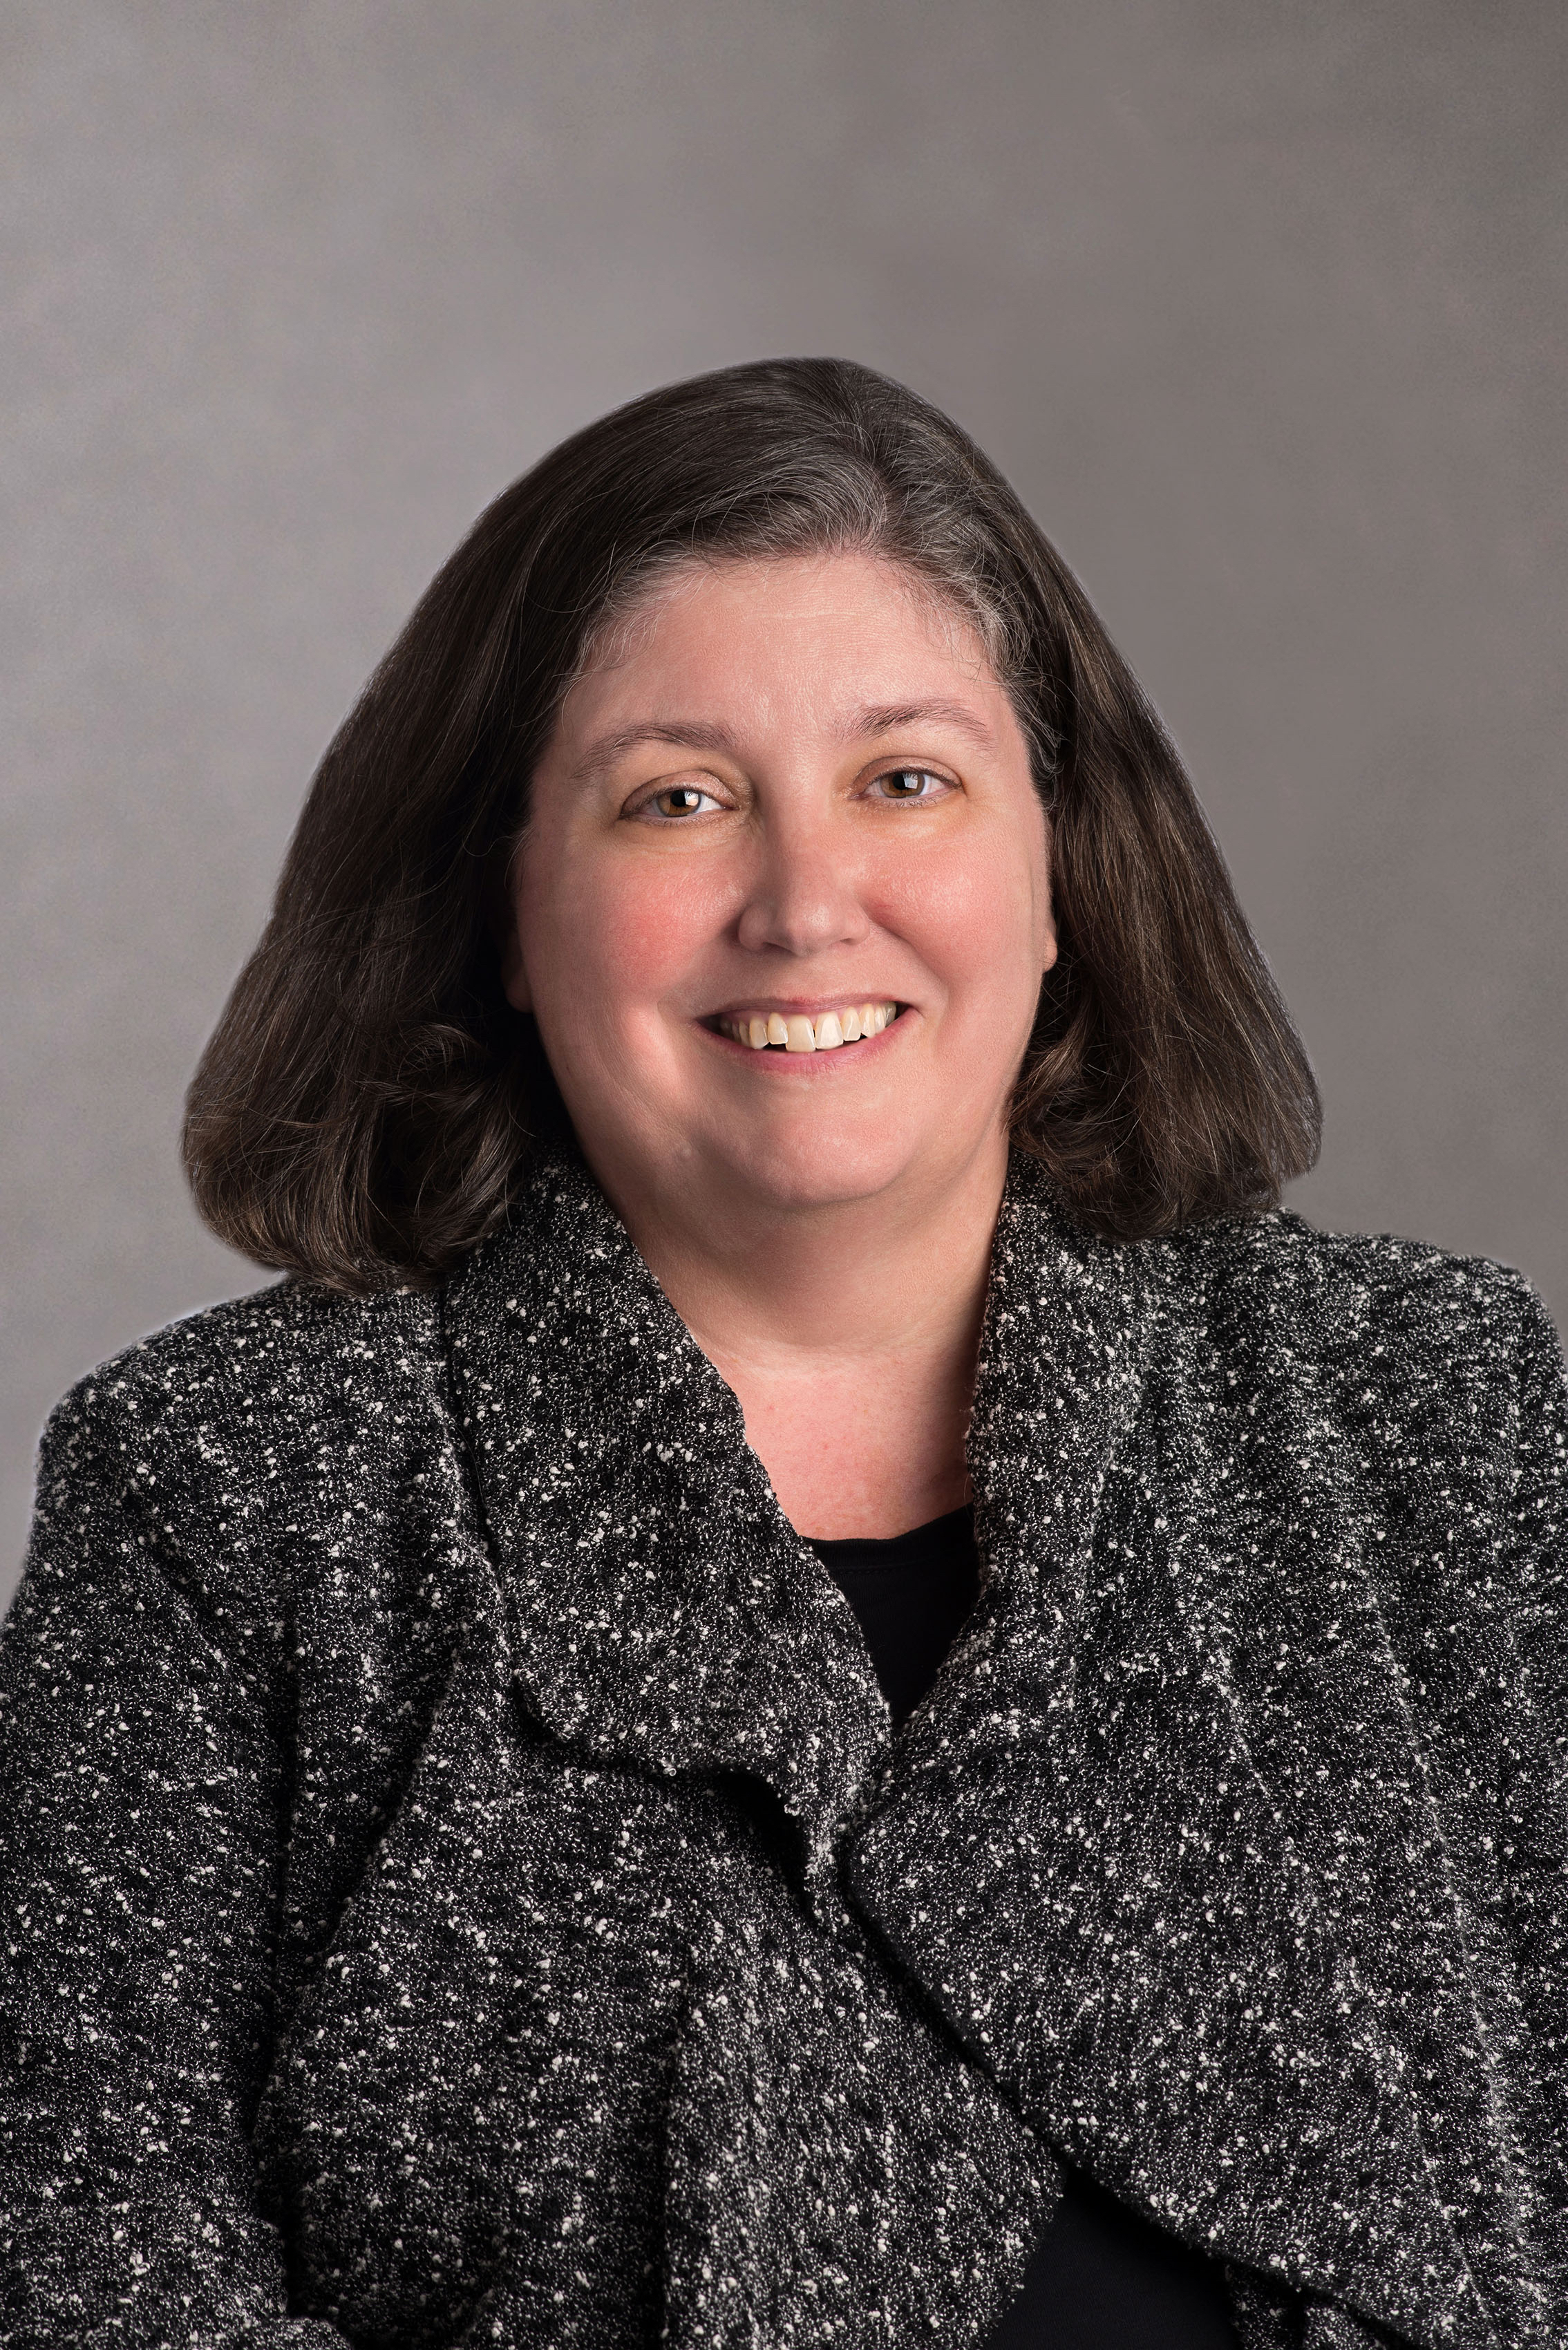 Lisa Graves